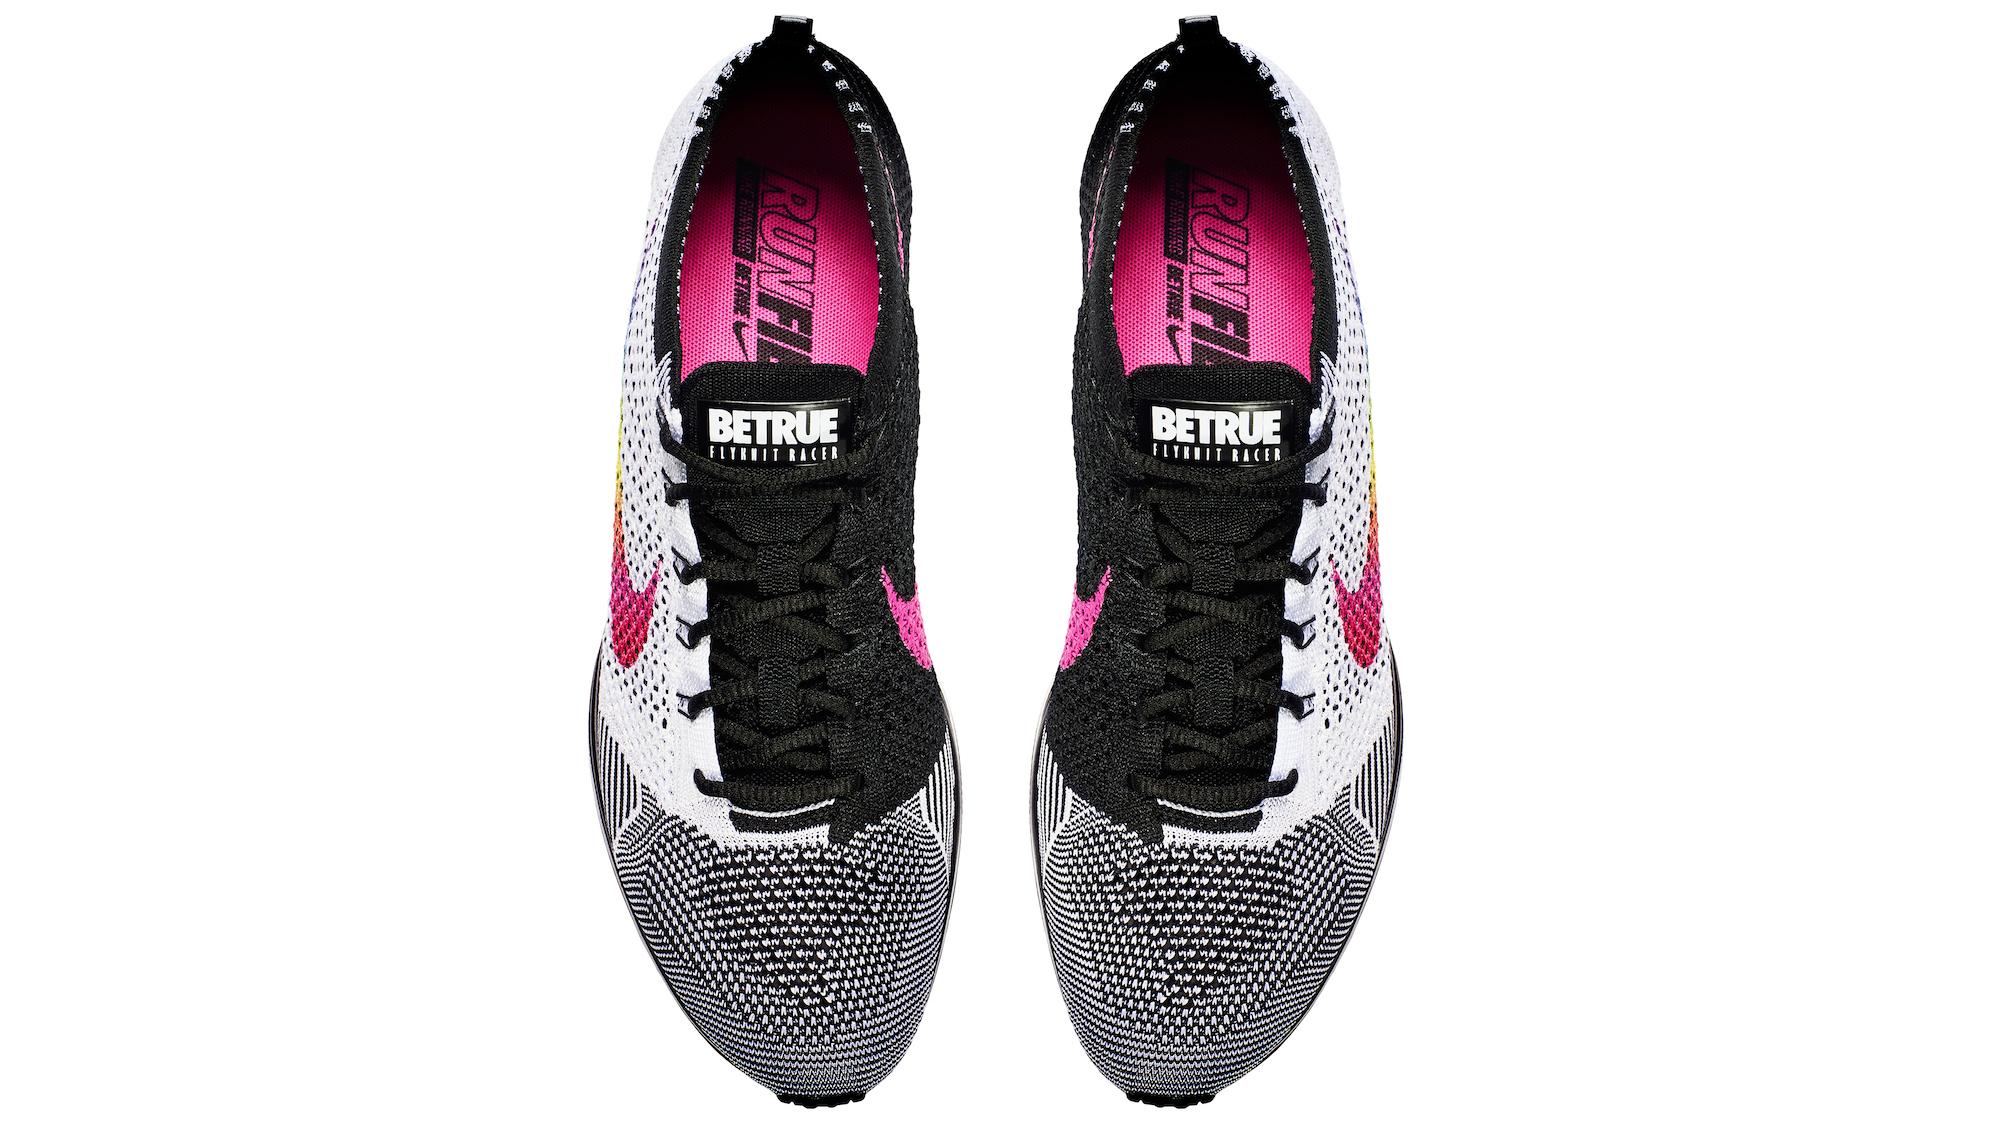 e67de8fa6c3e0 Nike Flyknit Racer BETRUE 2 - WearTesters